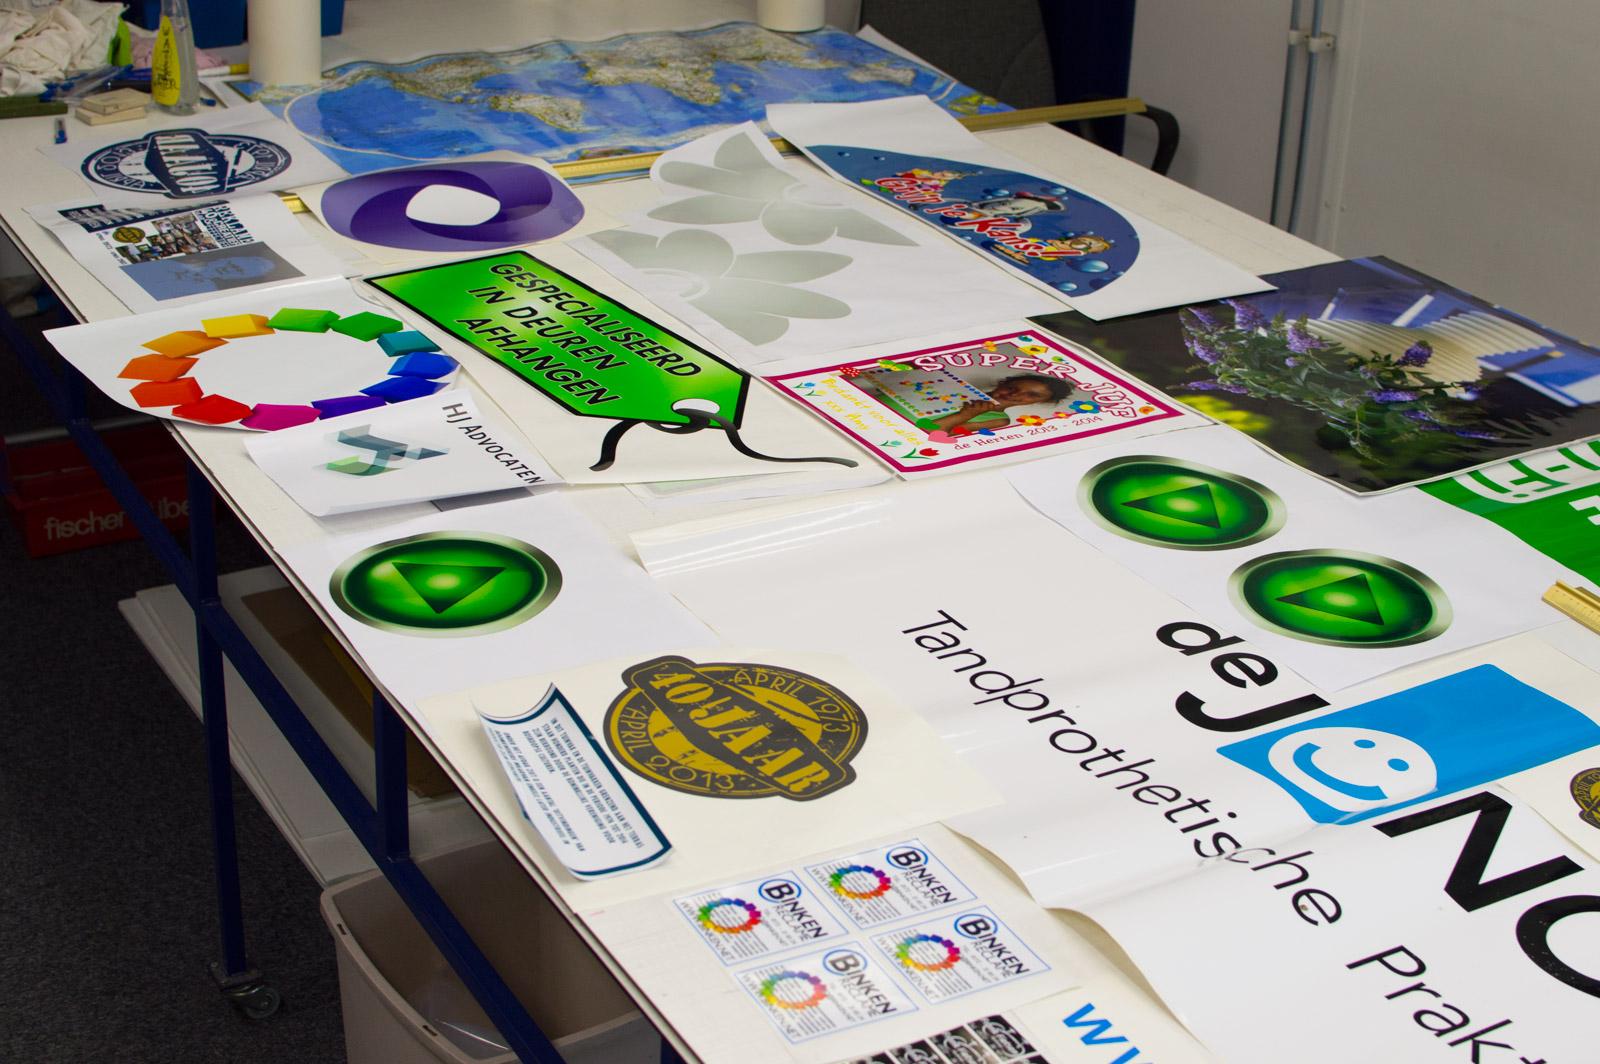 Spiegel Stickers Kopen : Stickers zelf ontwerpen naar eigen ontwerp